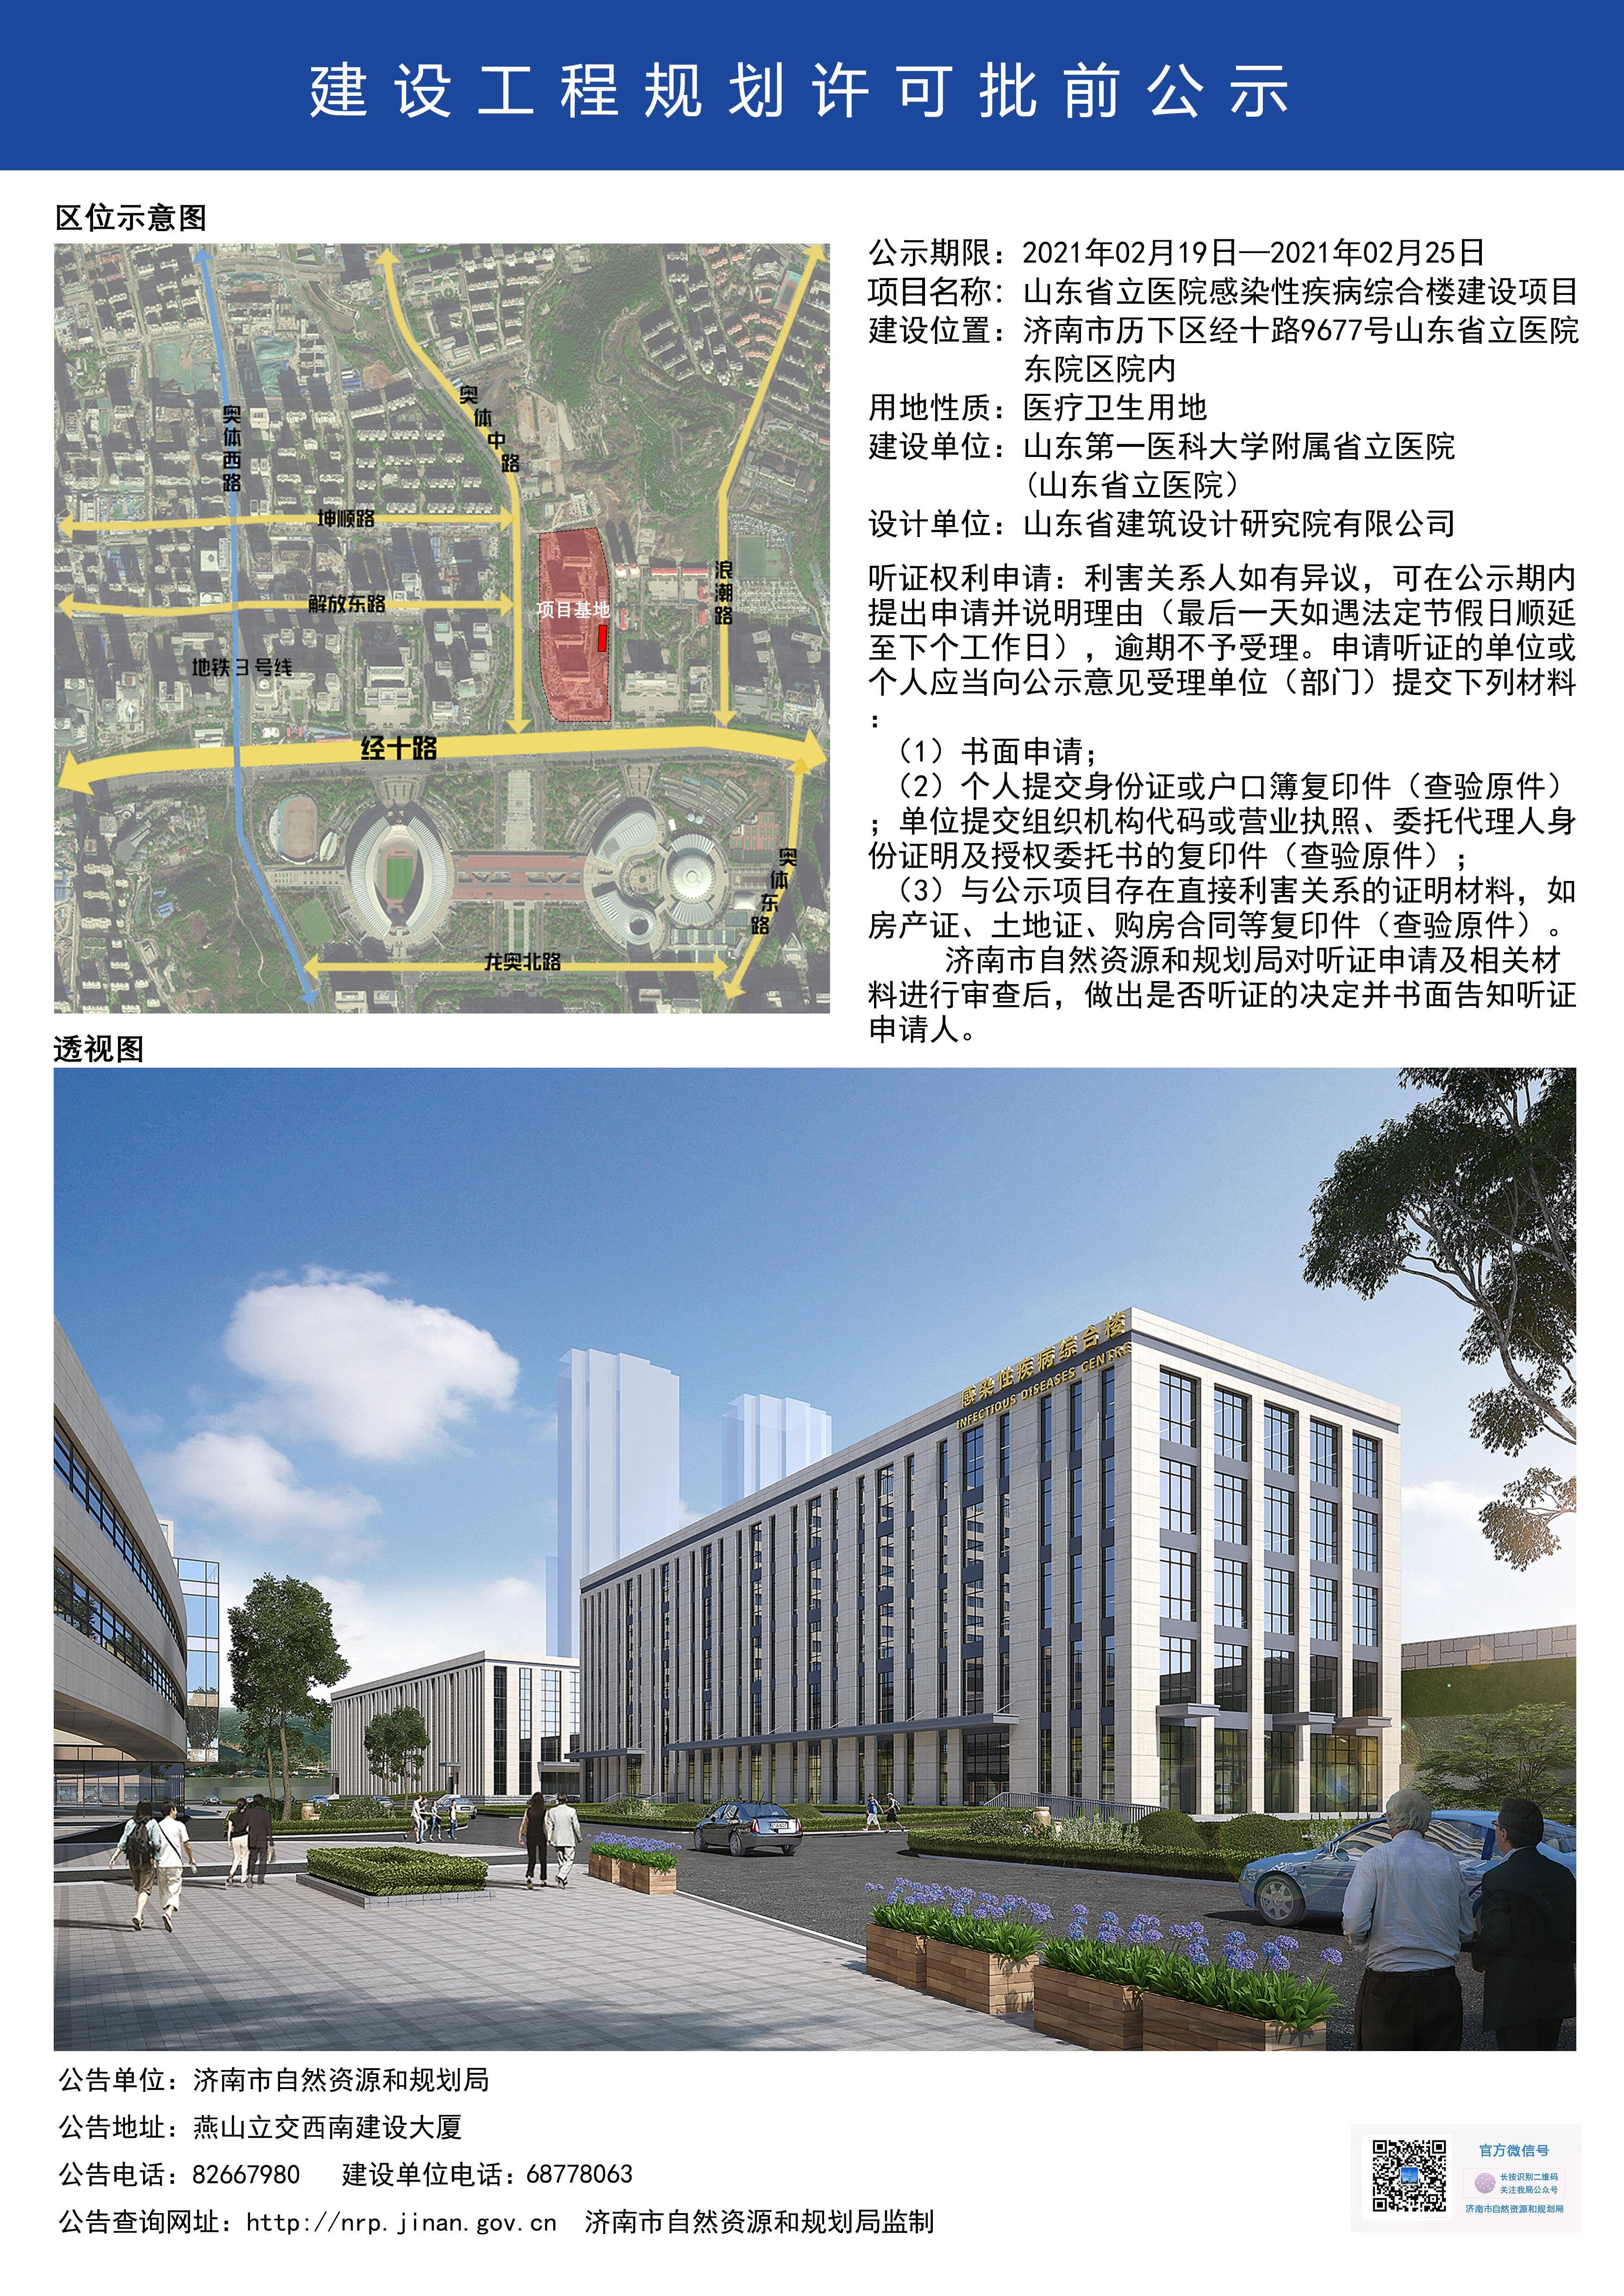 山东省立医院感染性疾病综合楼即将开建!位于经十路东院区院内